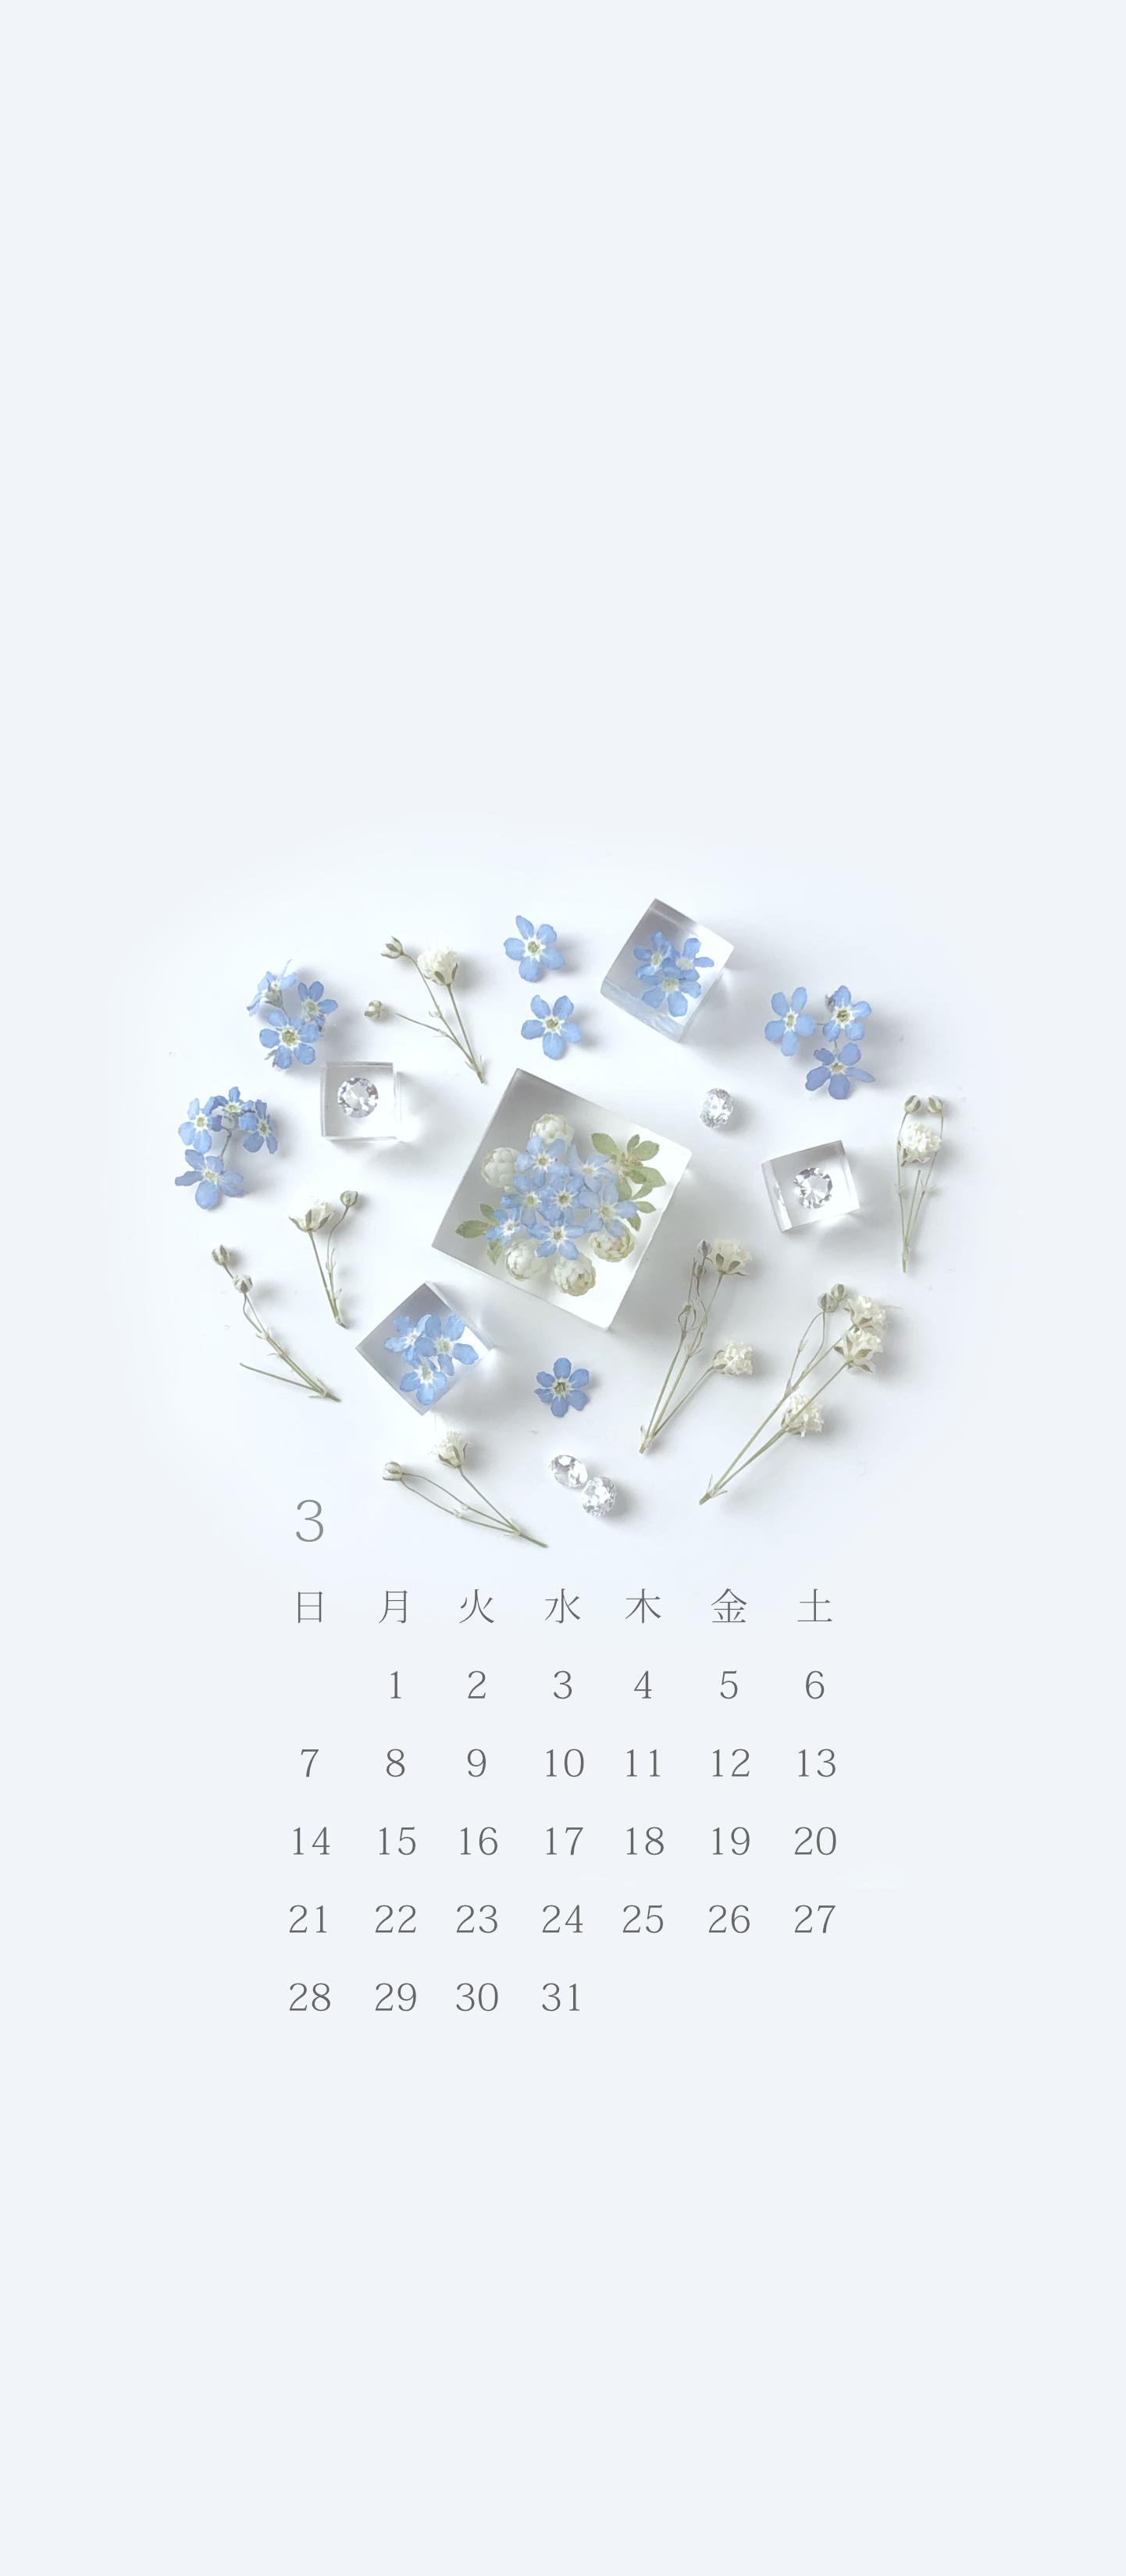 無料ロック画面カレンダー 「3月 春の野 - 勿忘草」